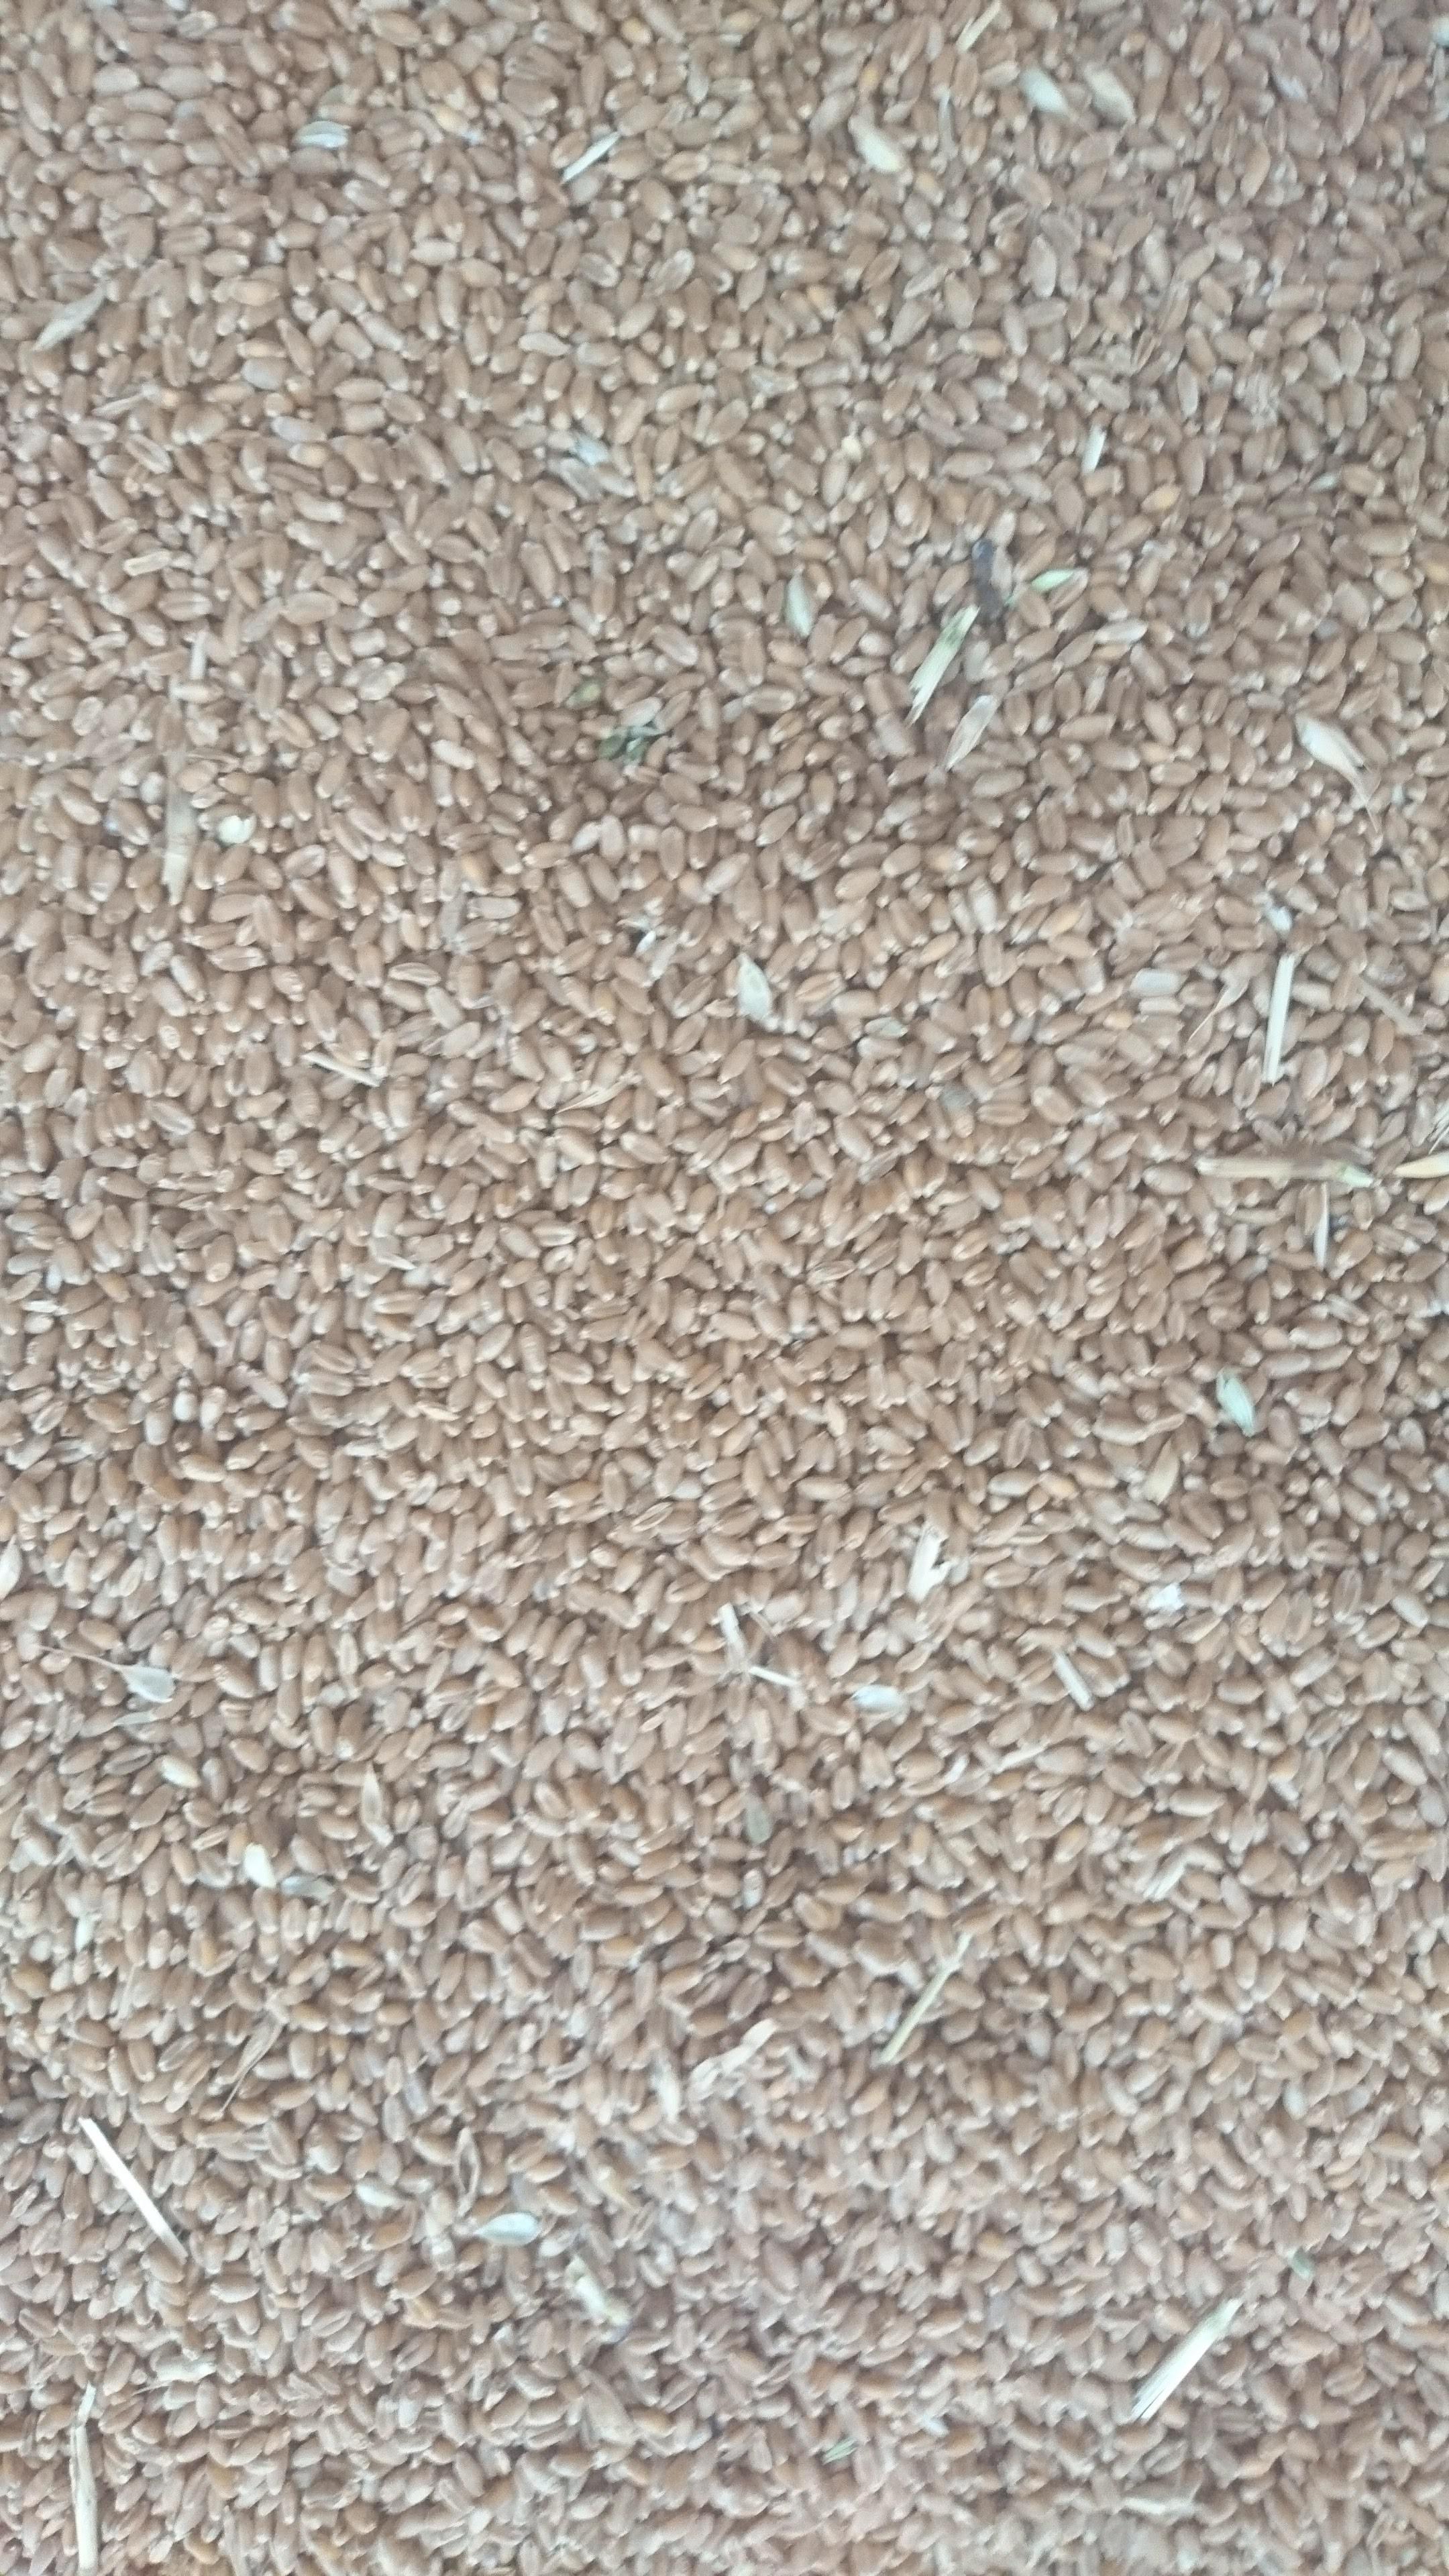 Buğday (Ekmeklik) - Üretici Bahadır Kopan 1750 tl fiyat ile 1.000 kilogram buğday (ekmeklik)  satmak istiyor